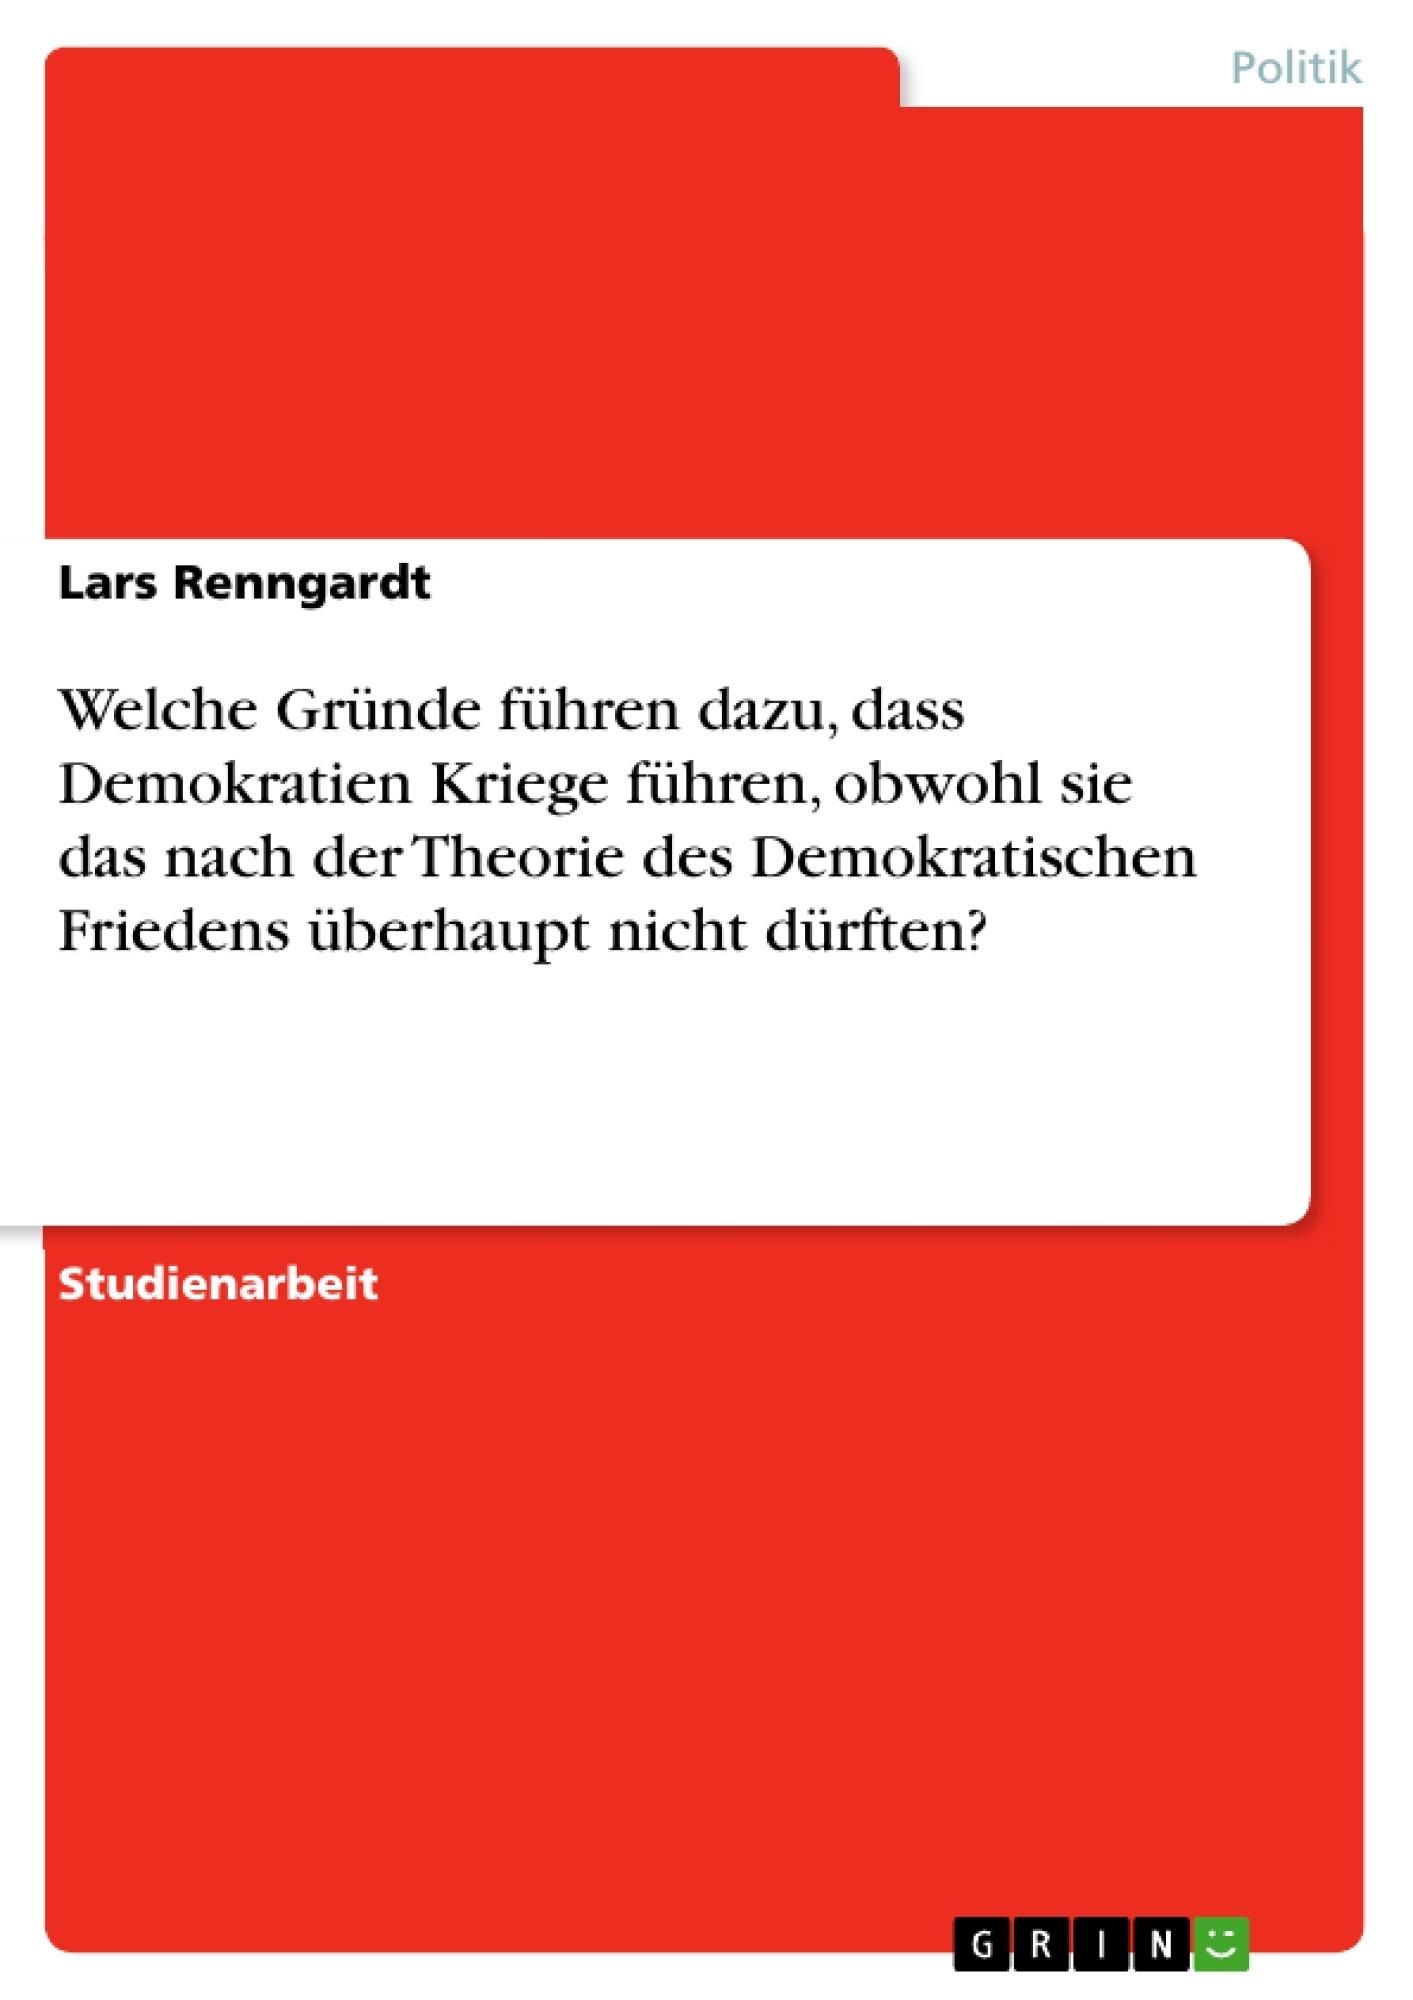 Titel: Welche Gründe führen dazu, dass Demokratien Kriege führen, obwohl sie das nach der Theorie des Demokratischen Friedens überhaupt nicht dürften?